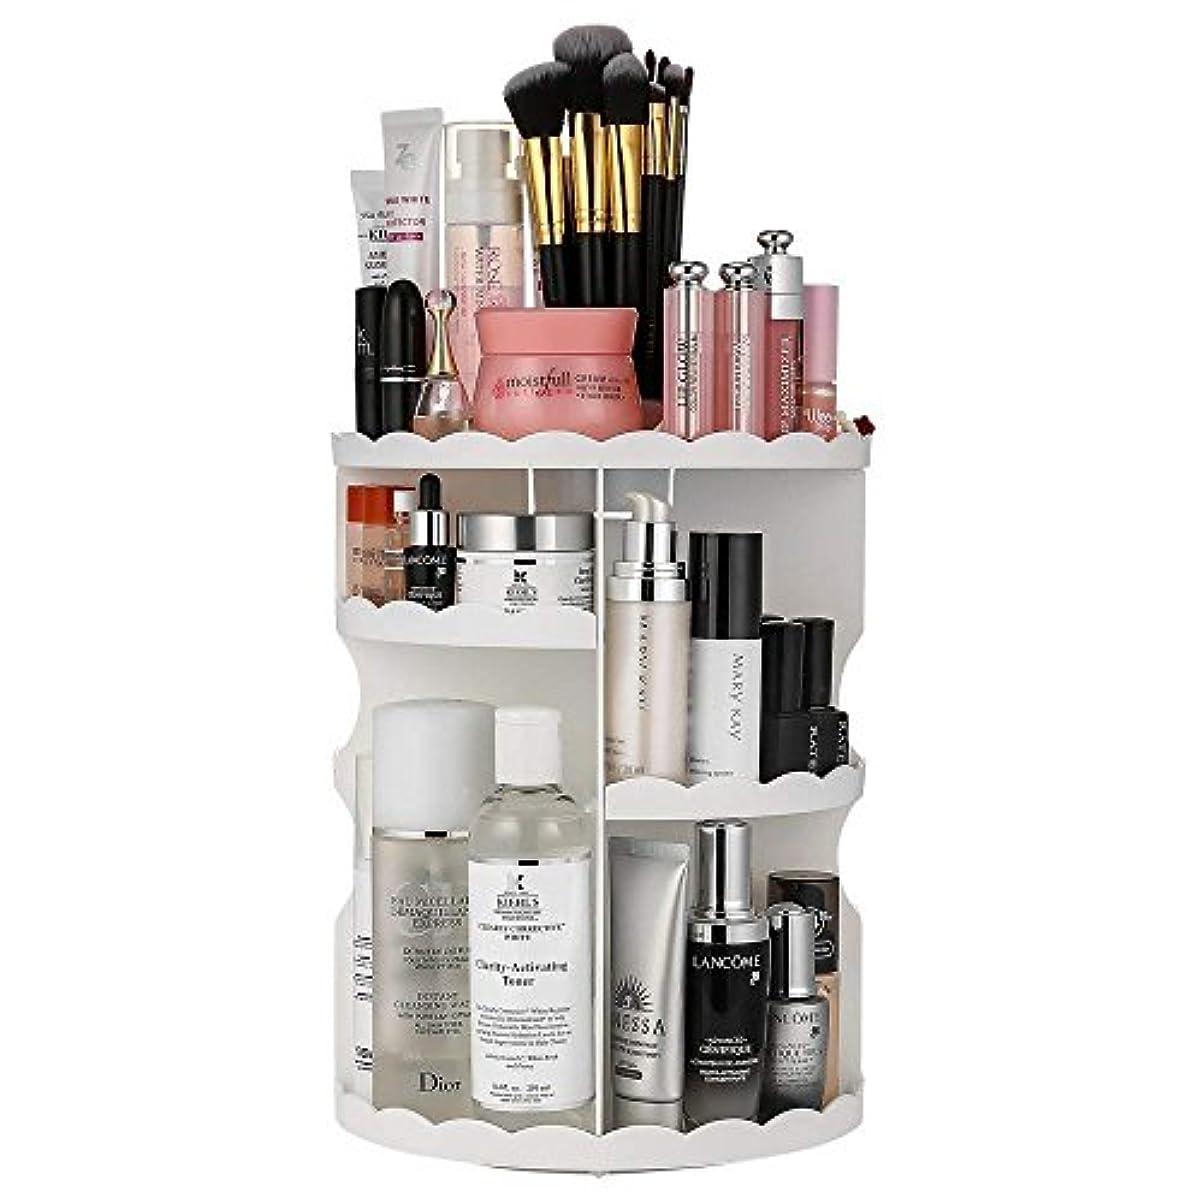 セットアップ歩行者悲惨LIFU 化粧品収納ボックス メイクボックス 大容量 360度回転 取りやすい 収納便利 おしゃれ ホワイト